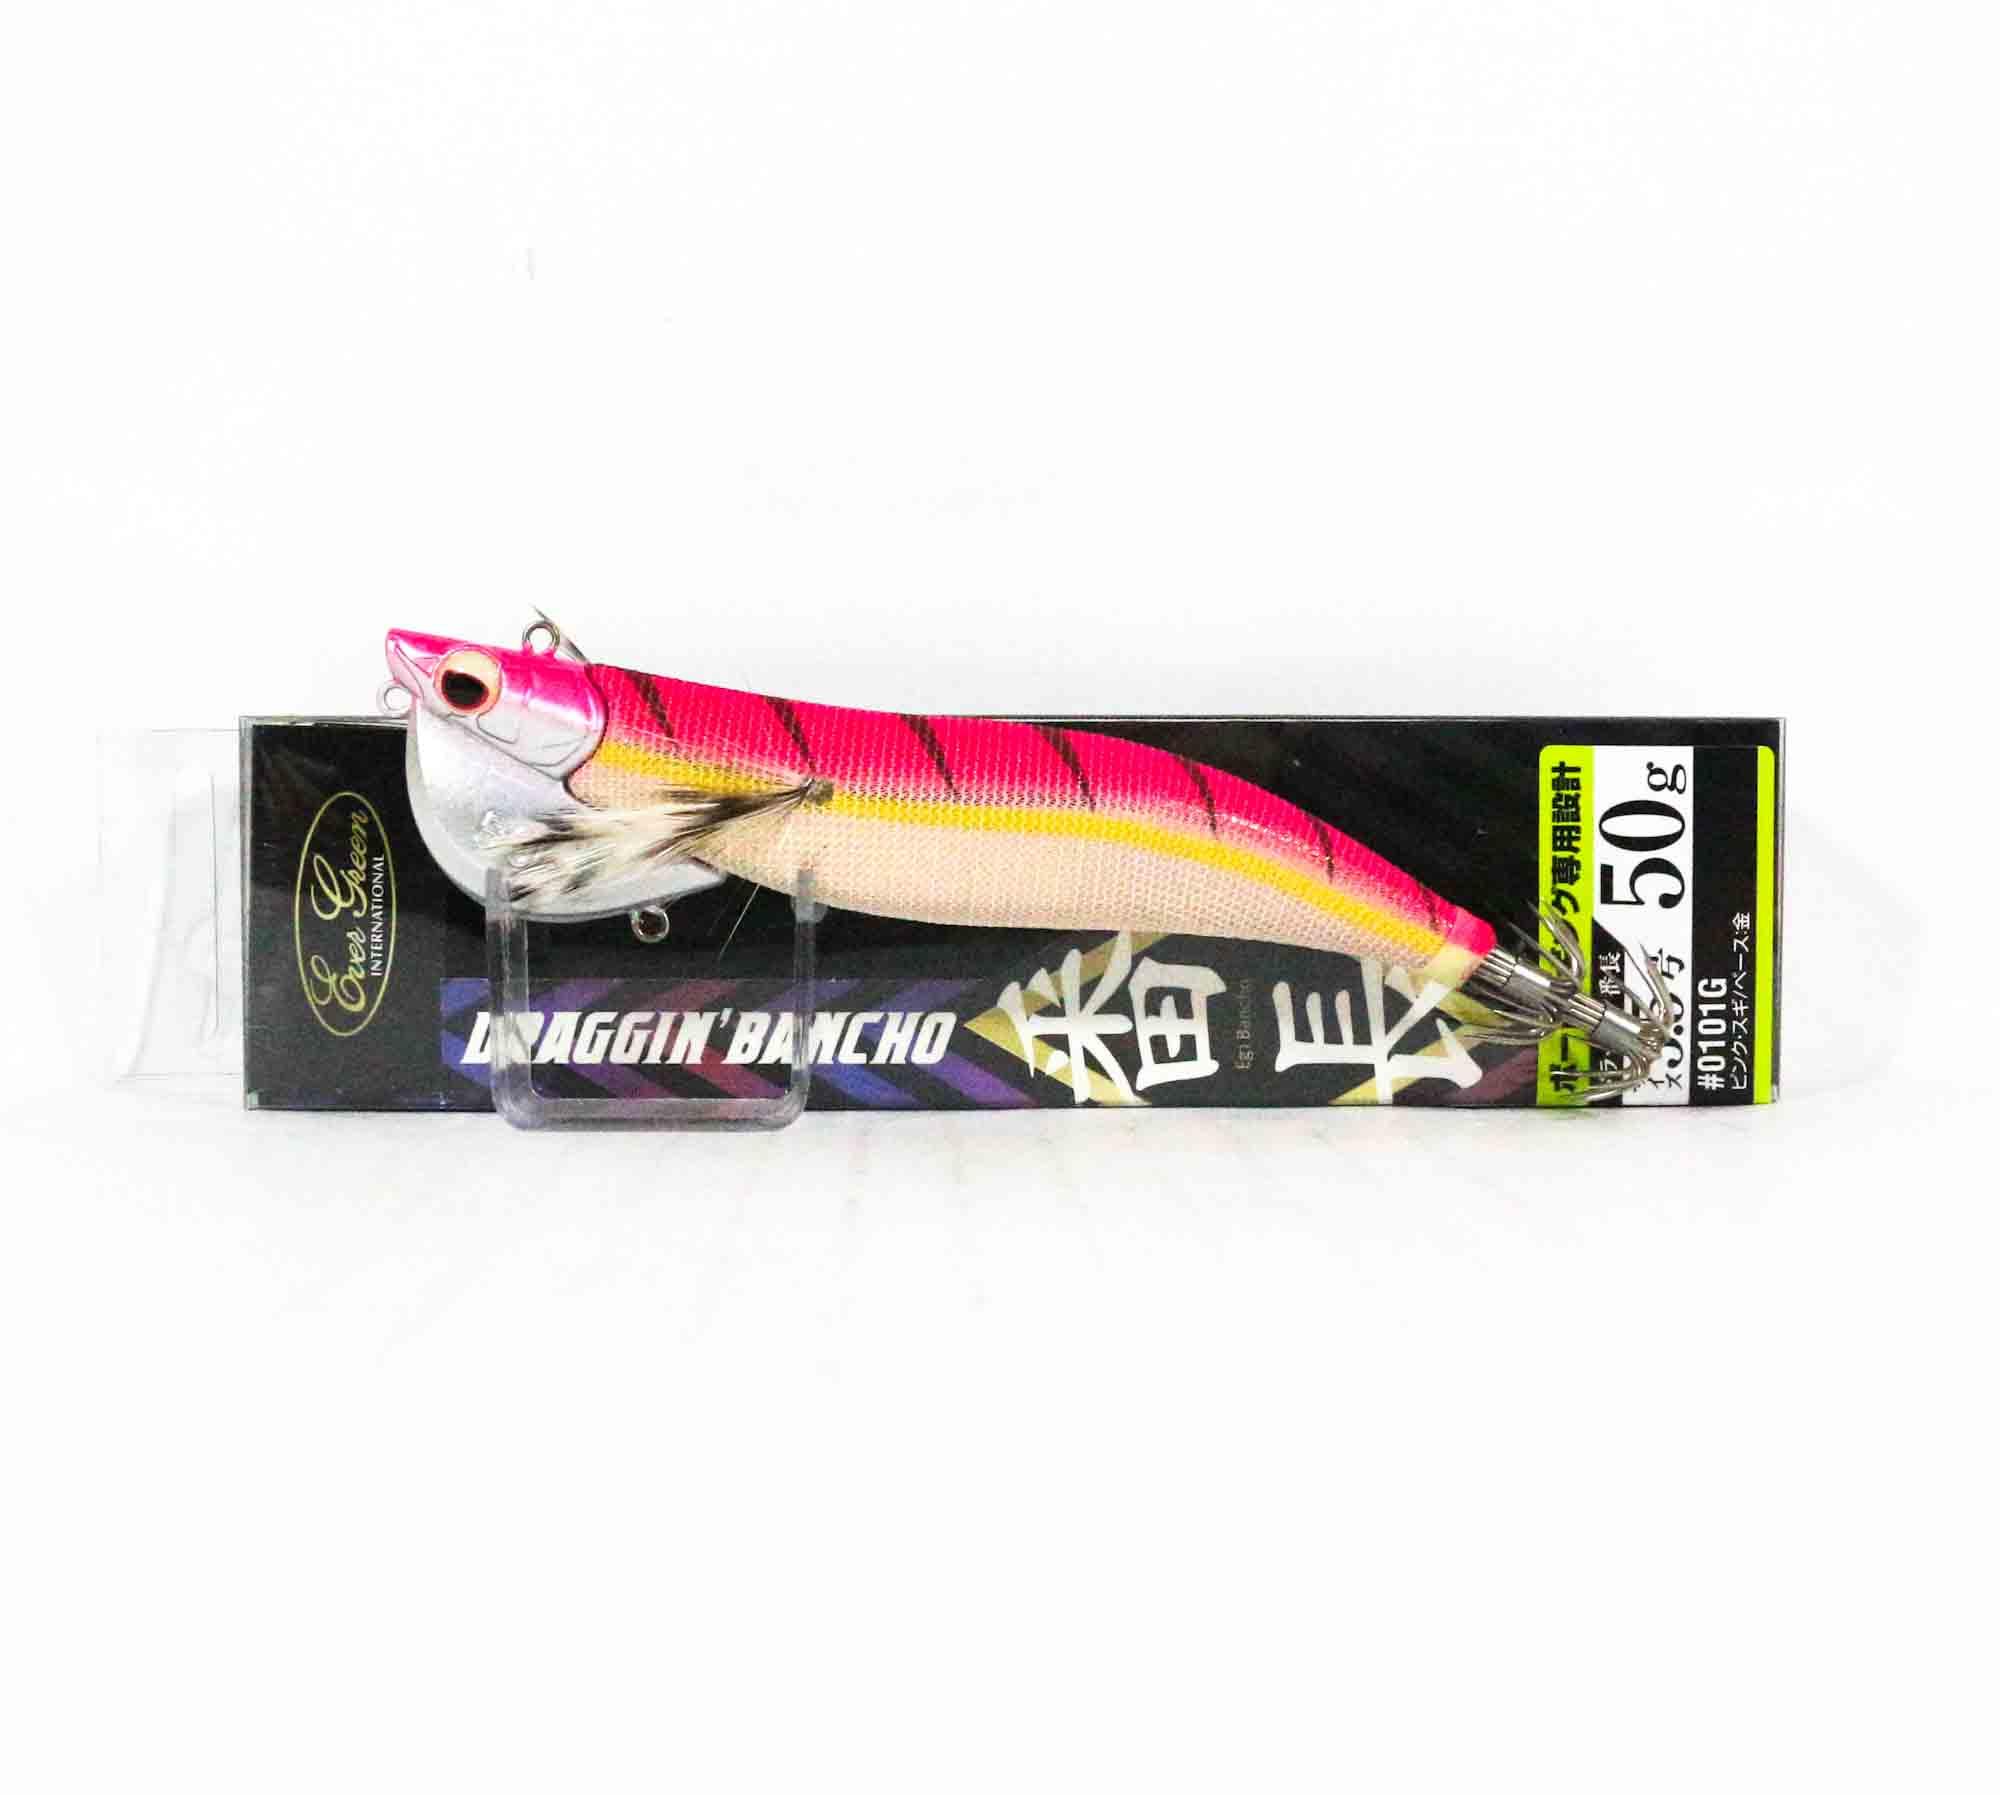 Evergreen Draggin Bancho Squid Jig Lure 3.5 50 grams 0101G (0671)